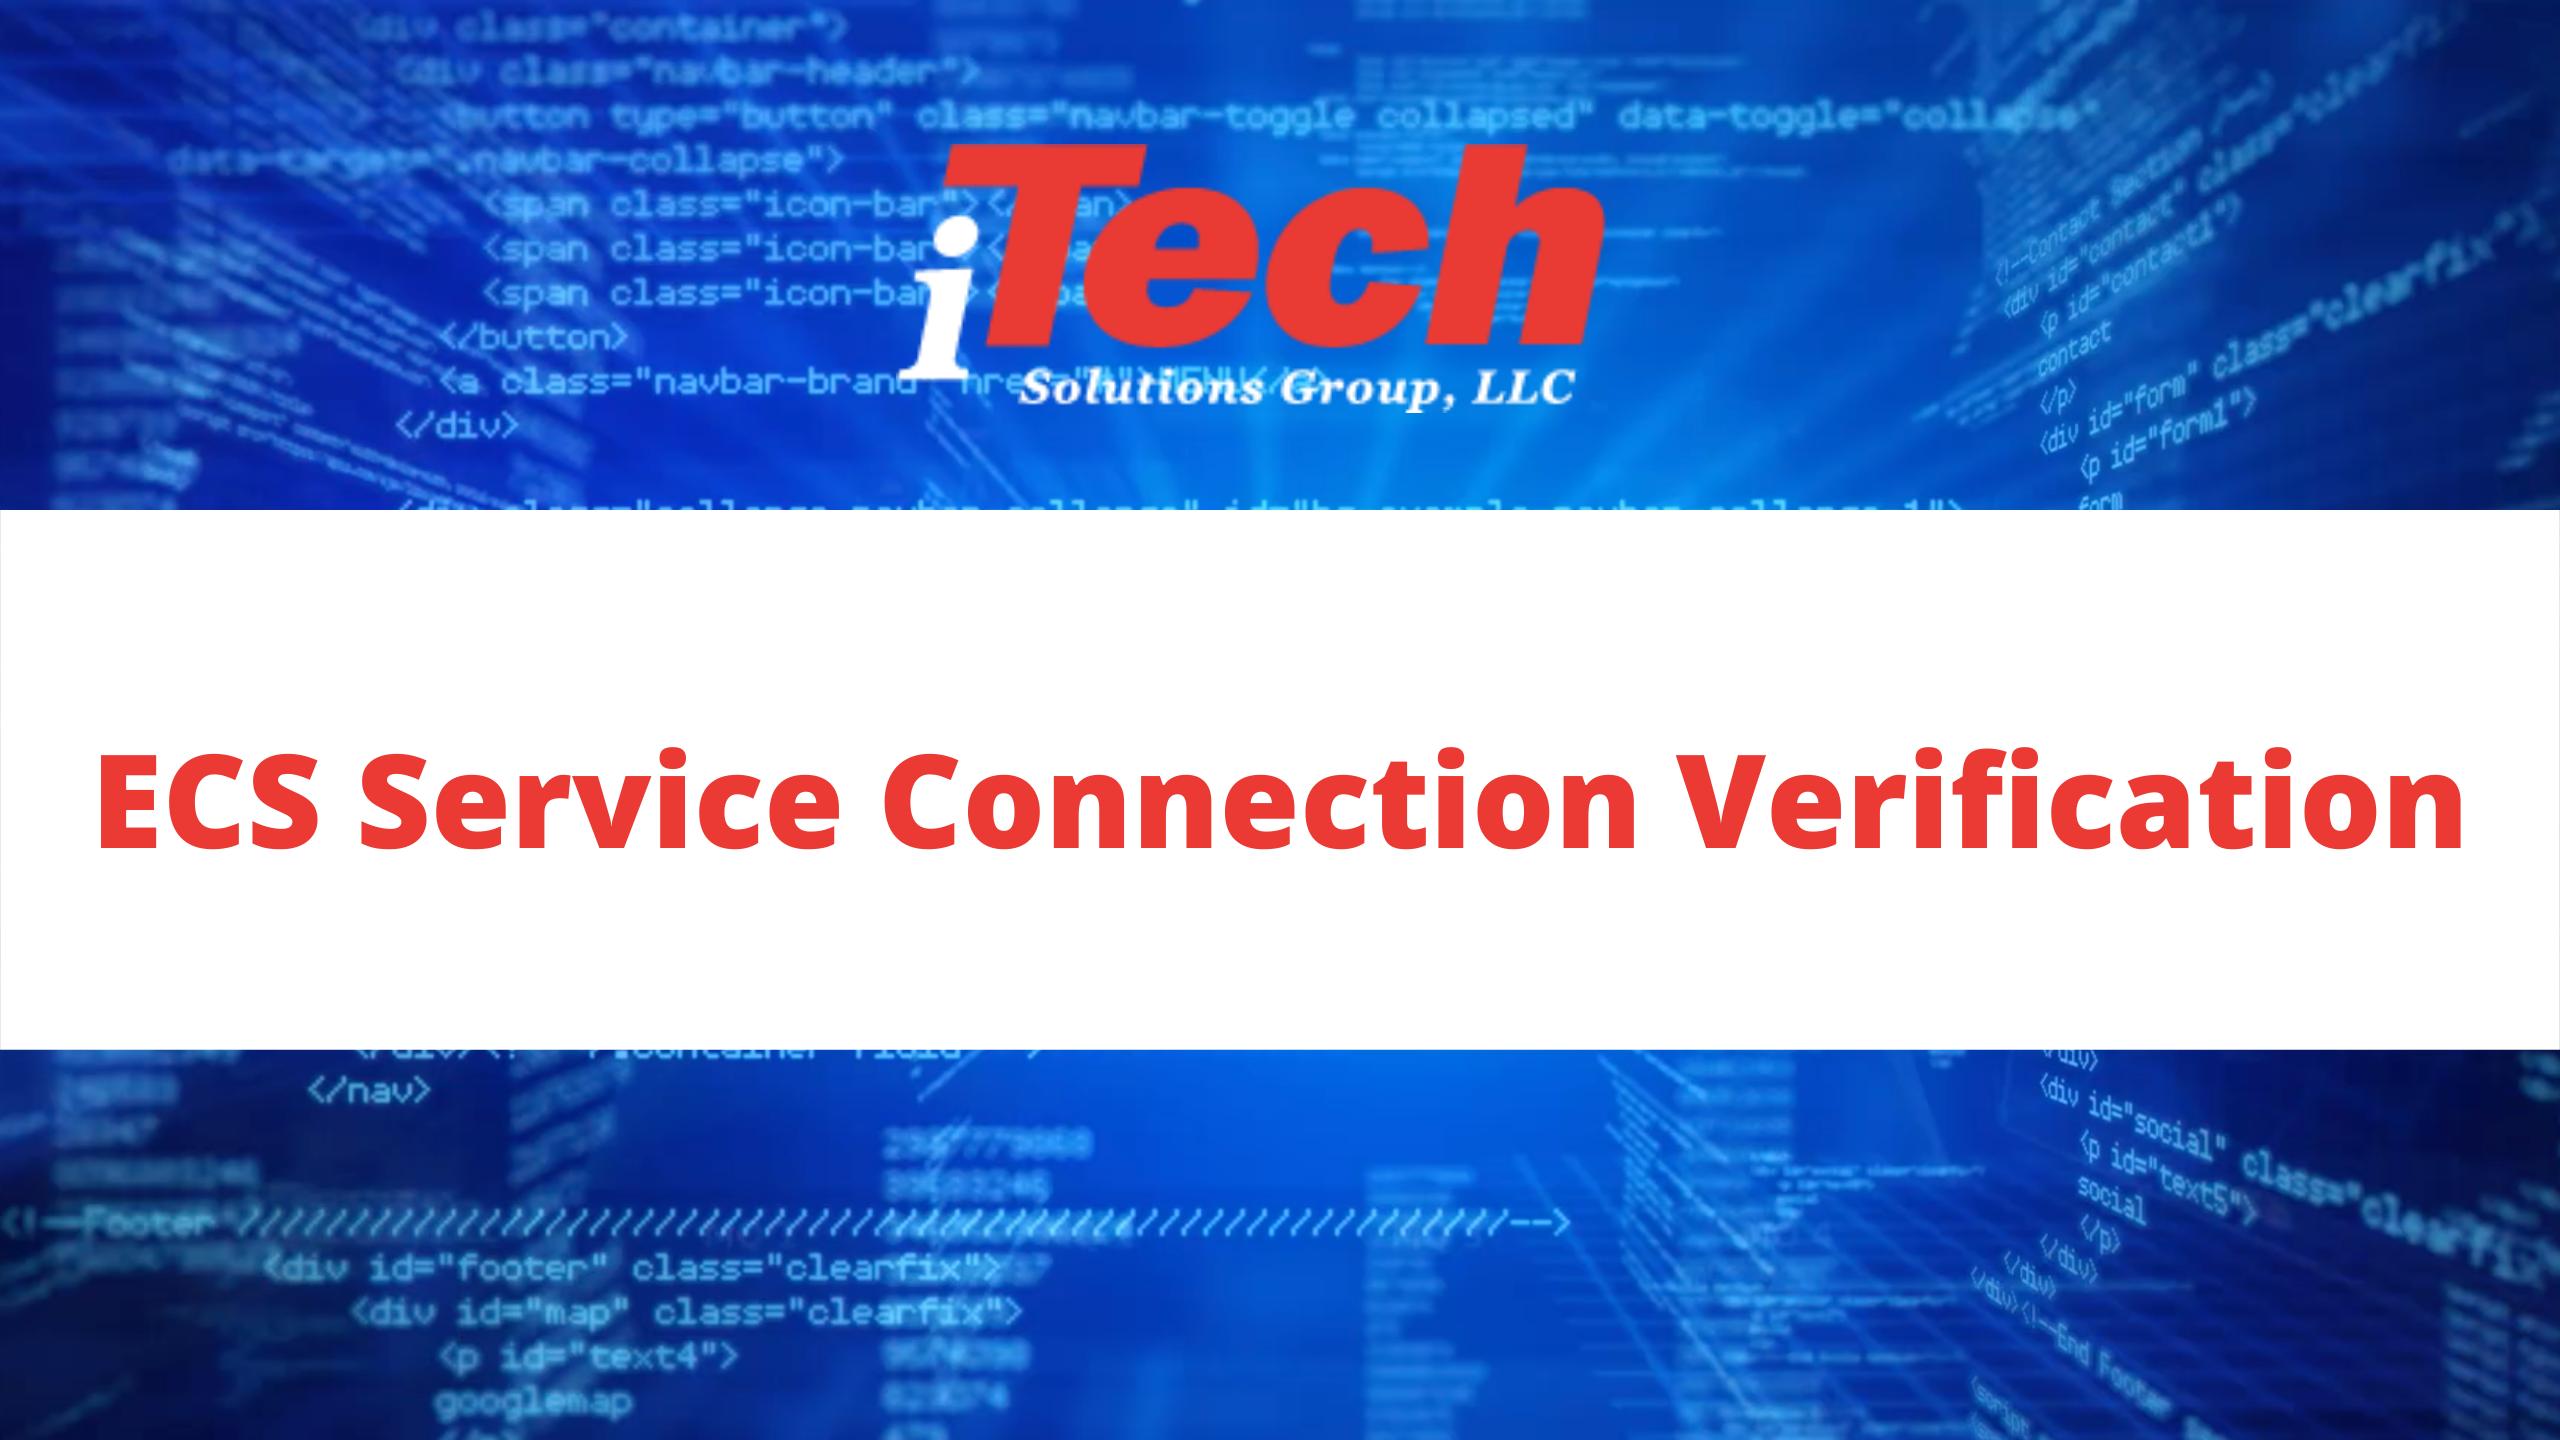 ECS Service Connection Verification